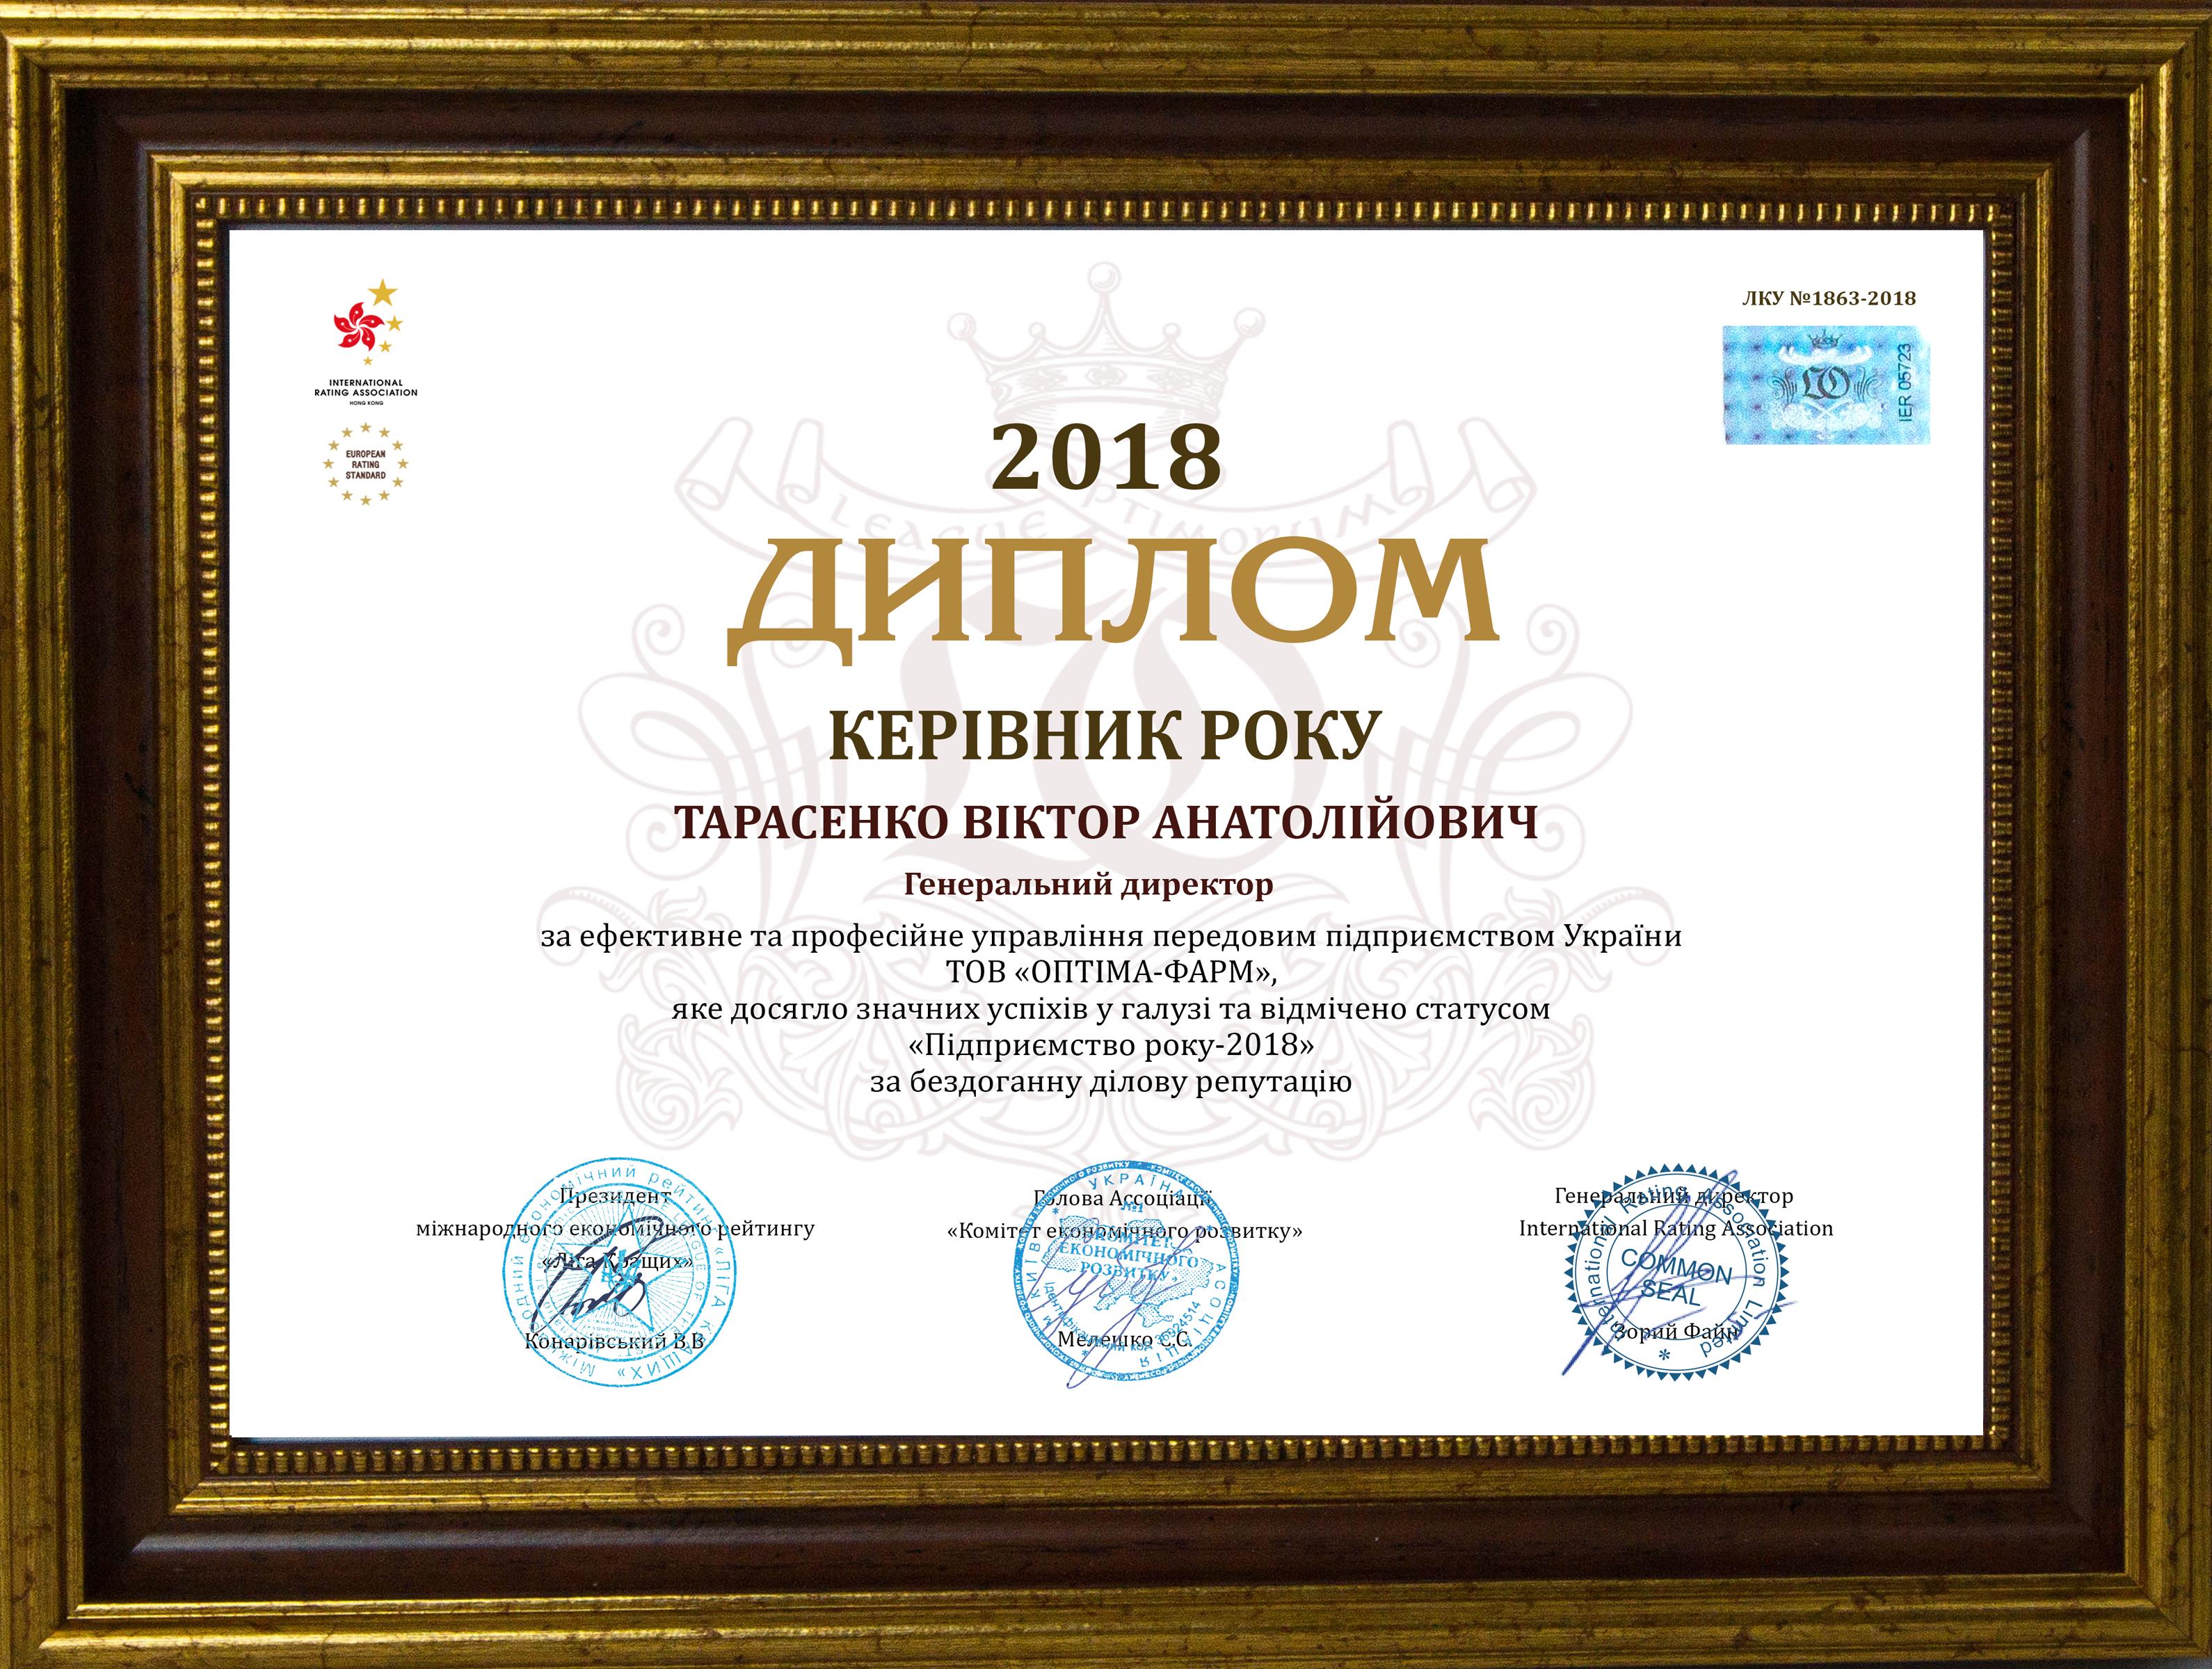 Особистий національний диплом «Керівник року – 2018»